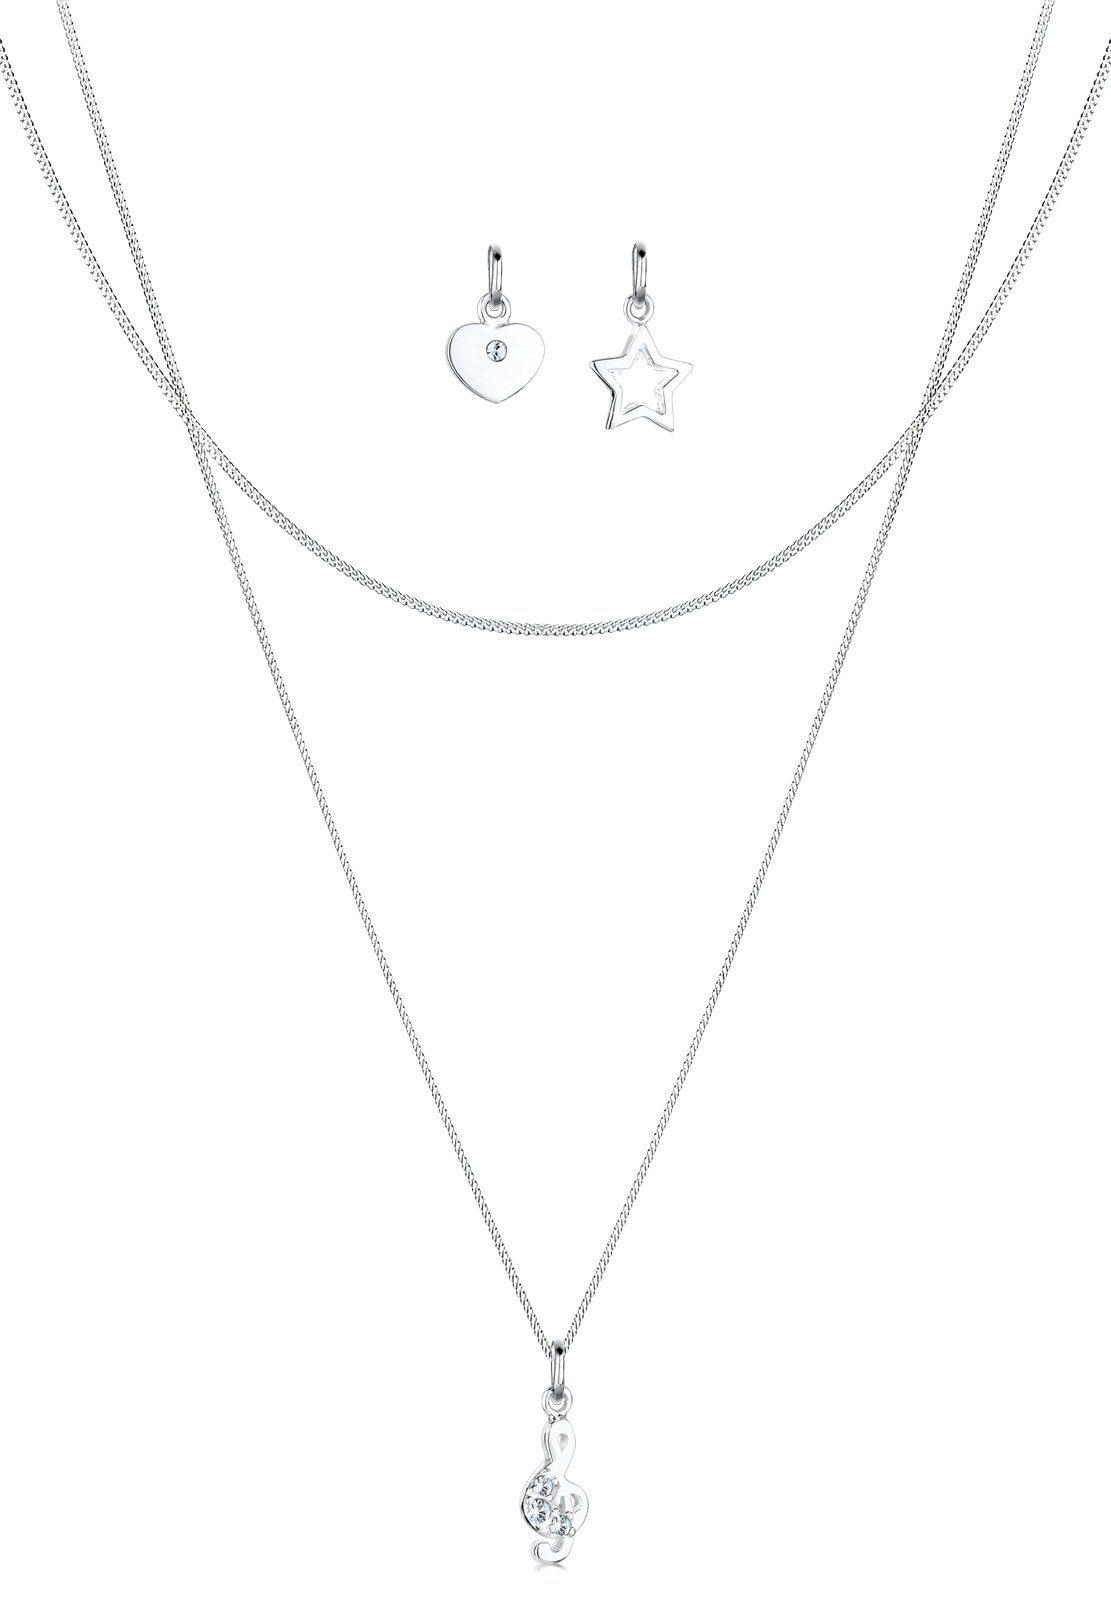 Elli Ketten-Set Notenschlüssel Swarovski Kristalle 925 Silber | Schmuck > Halsketten > Silberketten | Elli